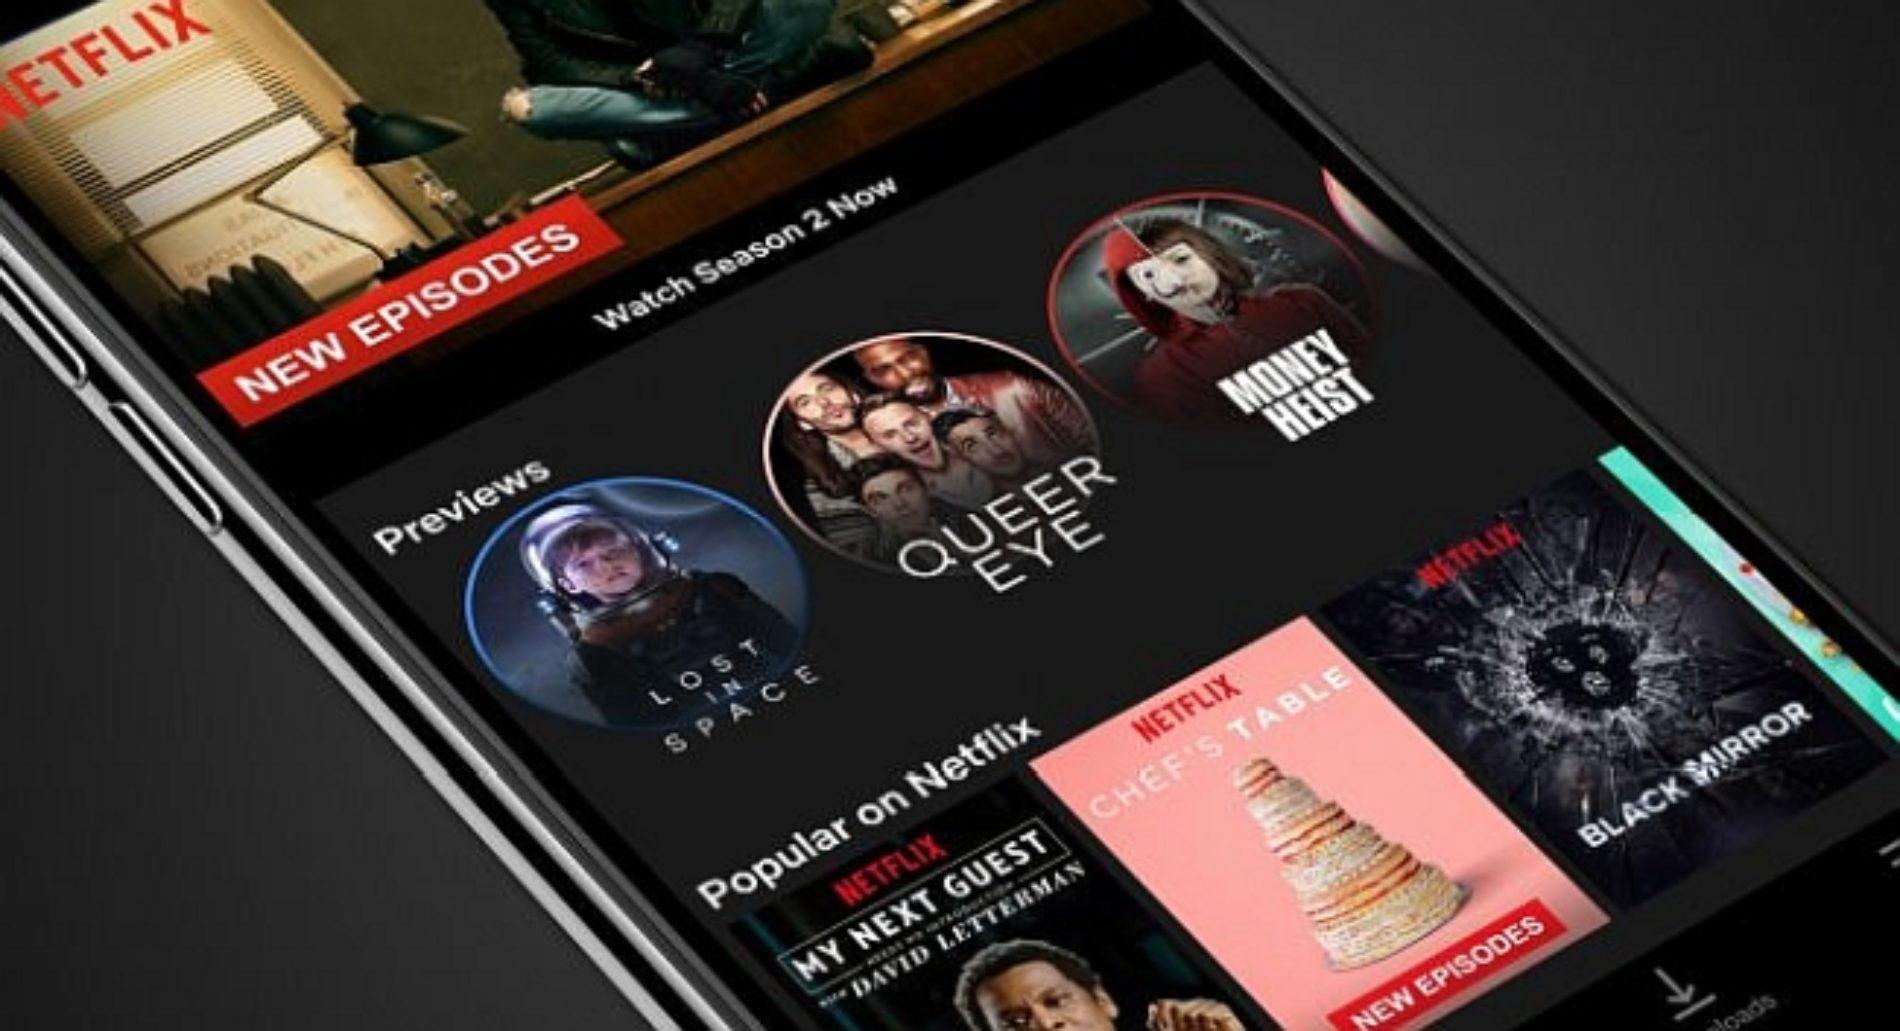 Ahora verás stories en el app Netflix a lo instagram